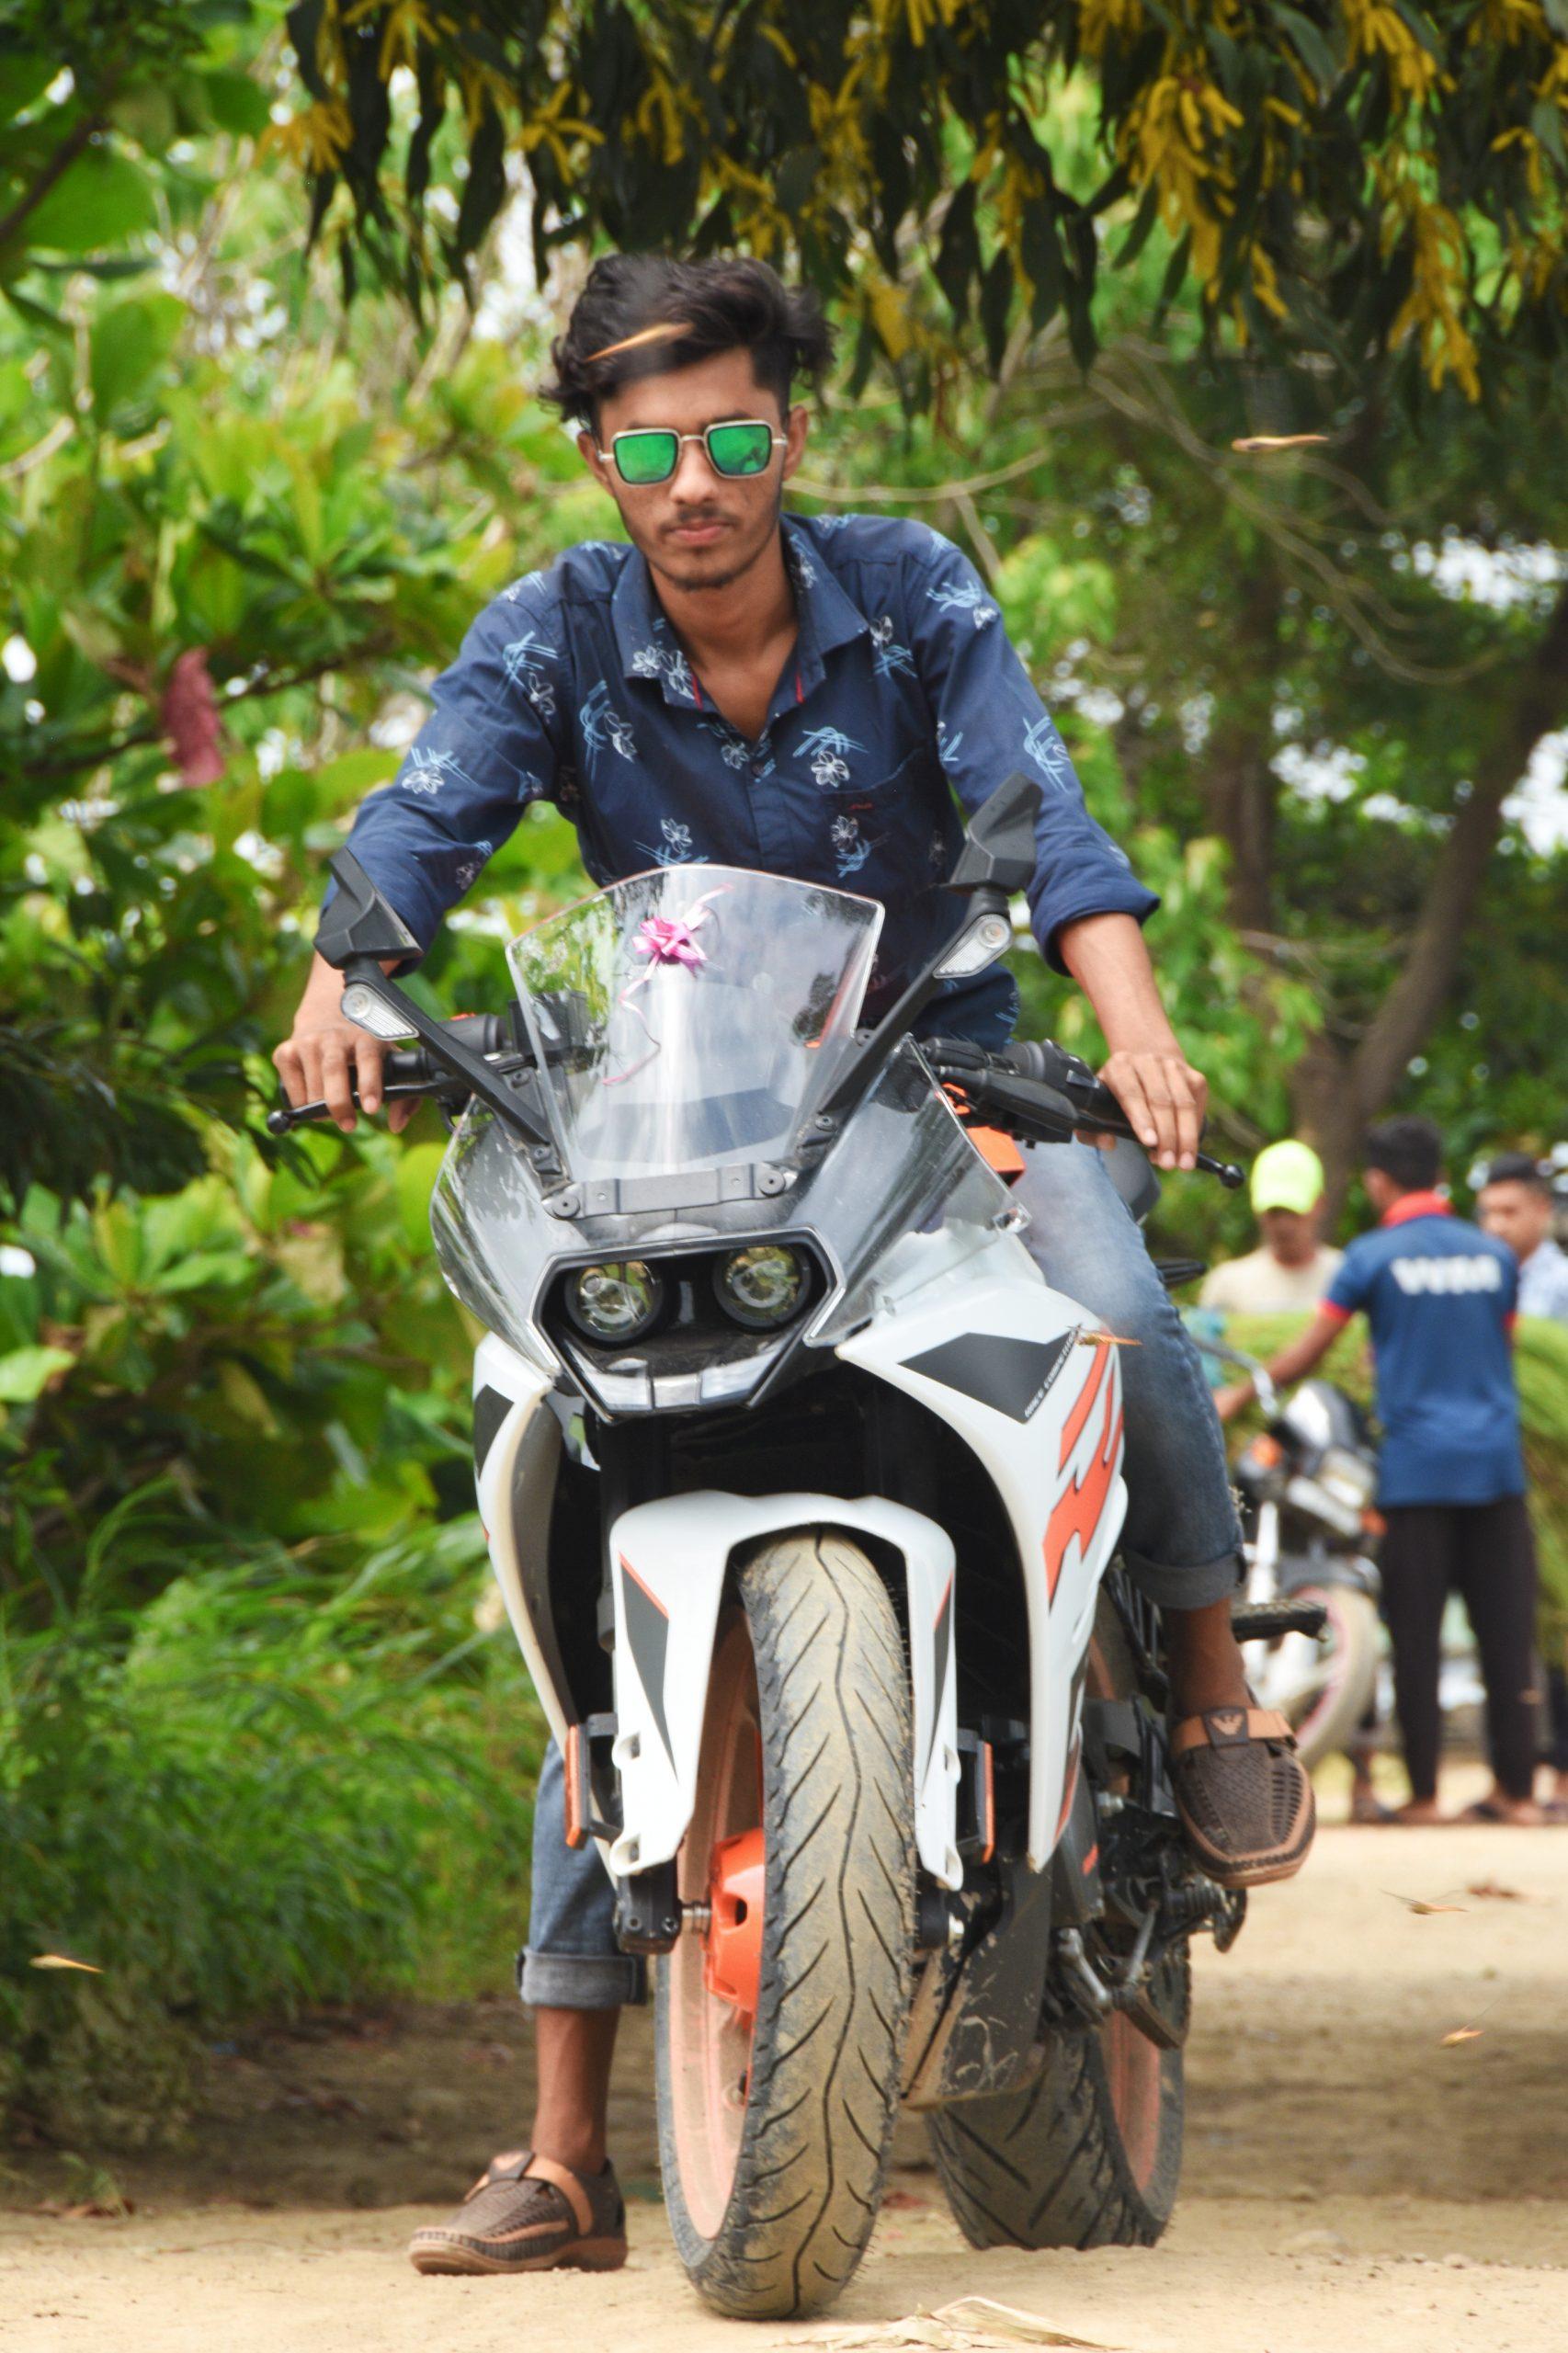 A stylish boy on his bike